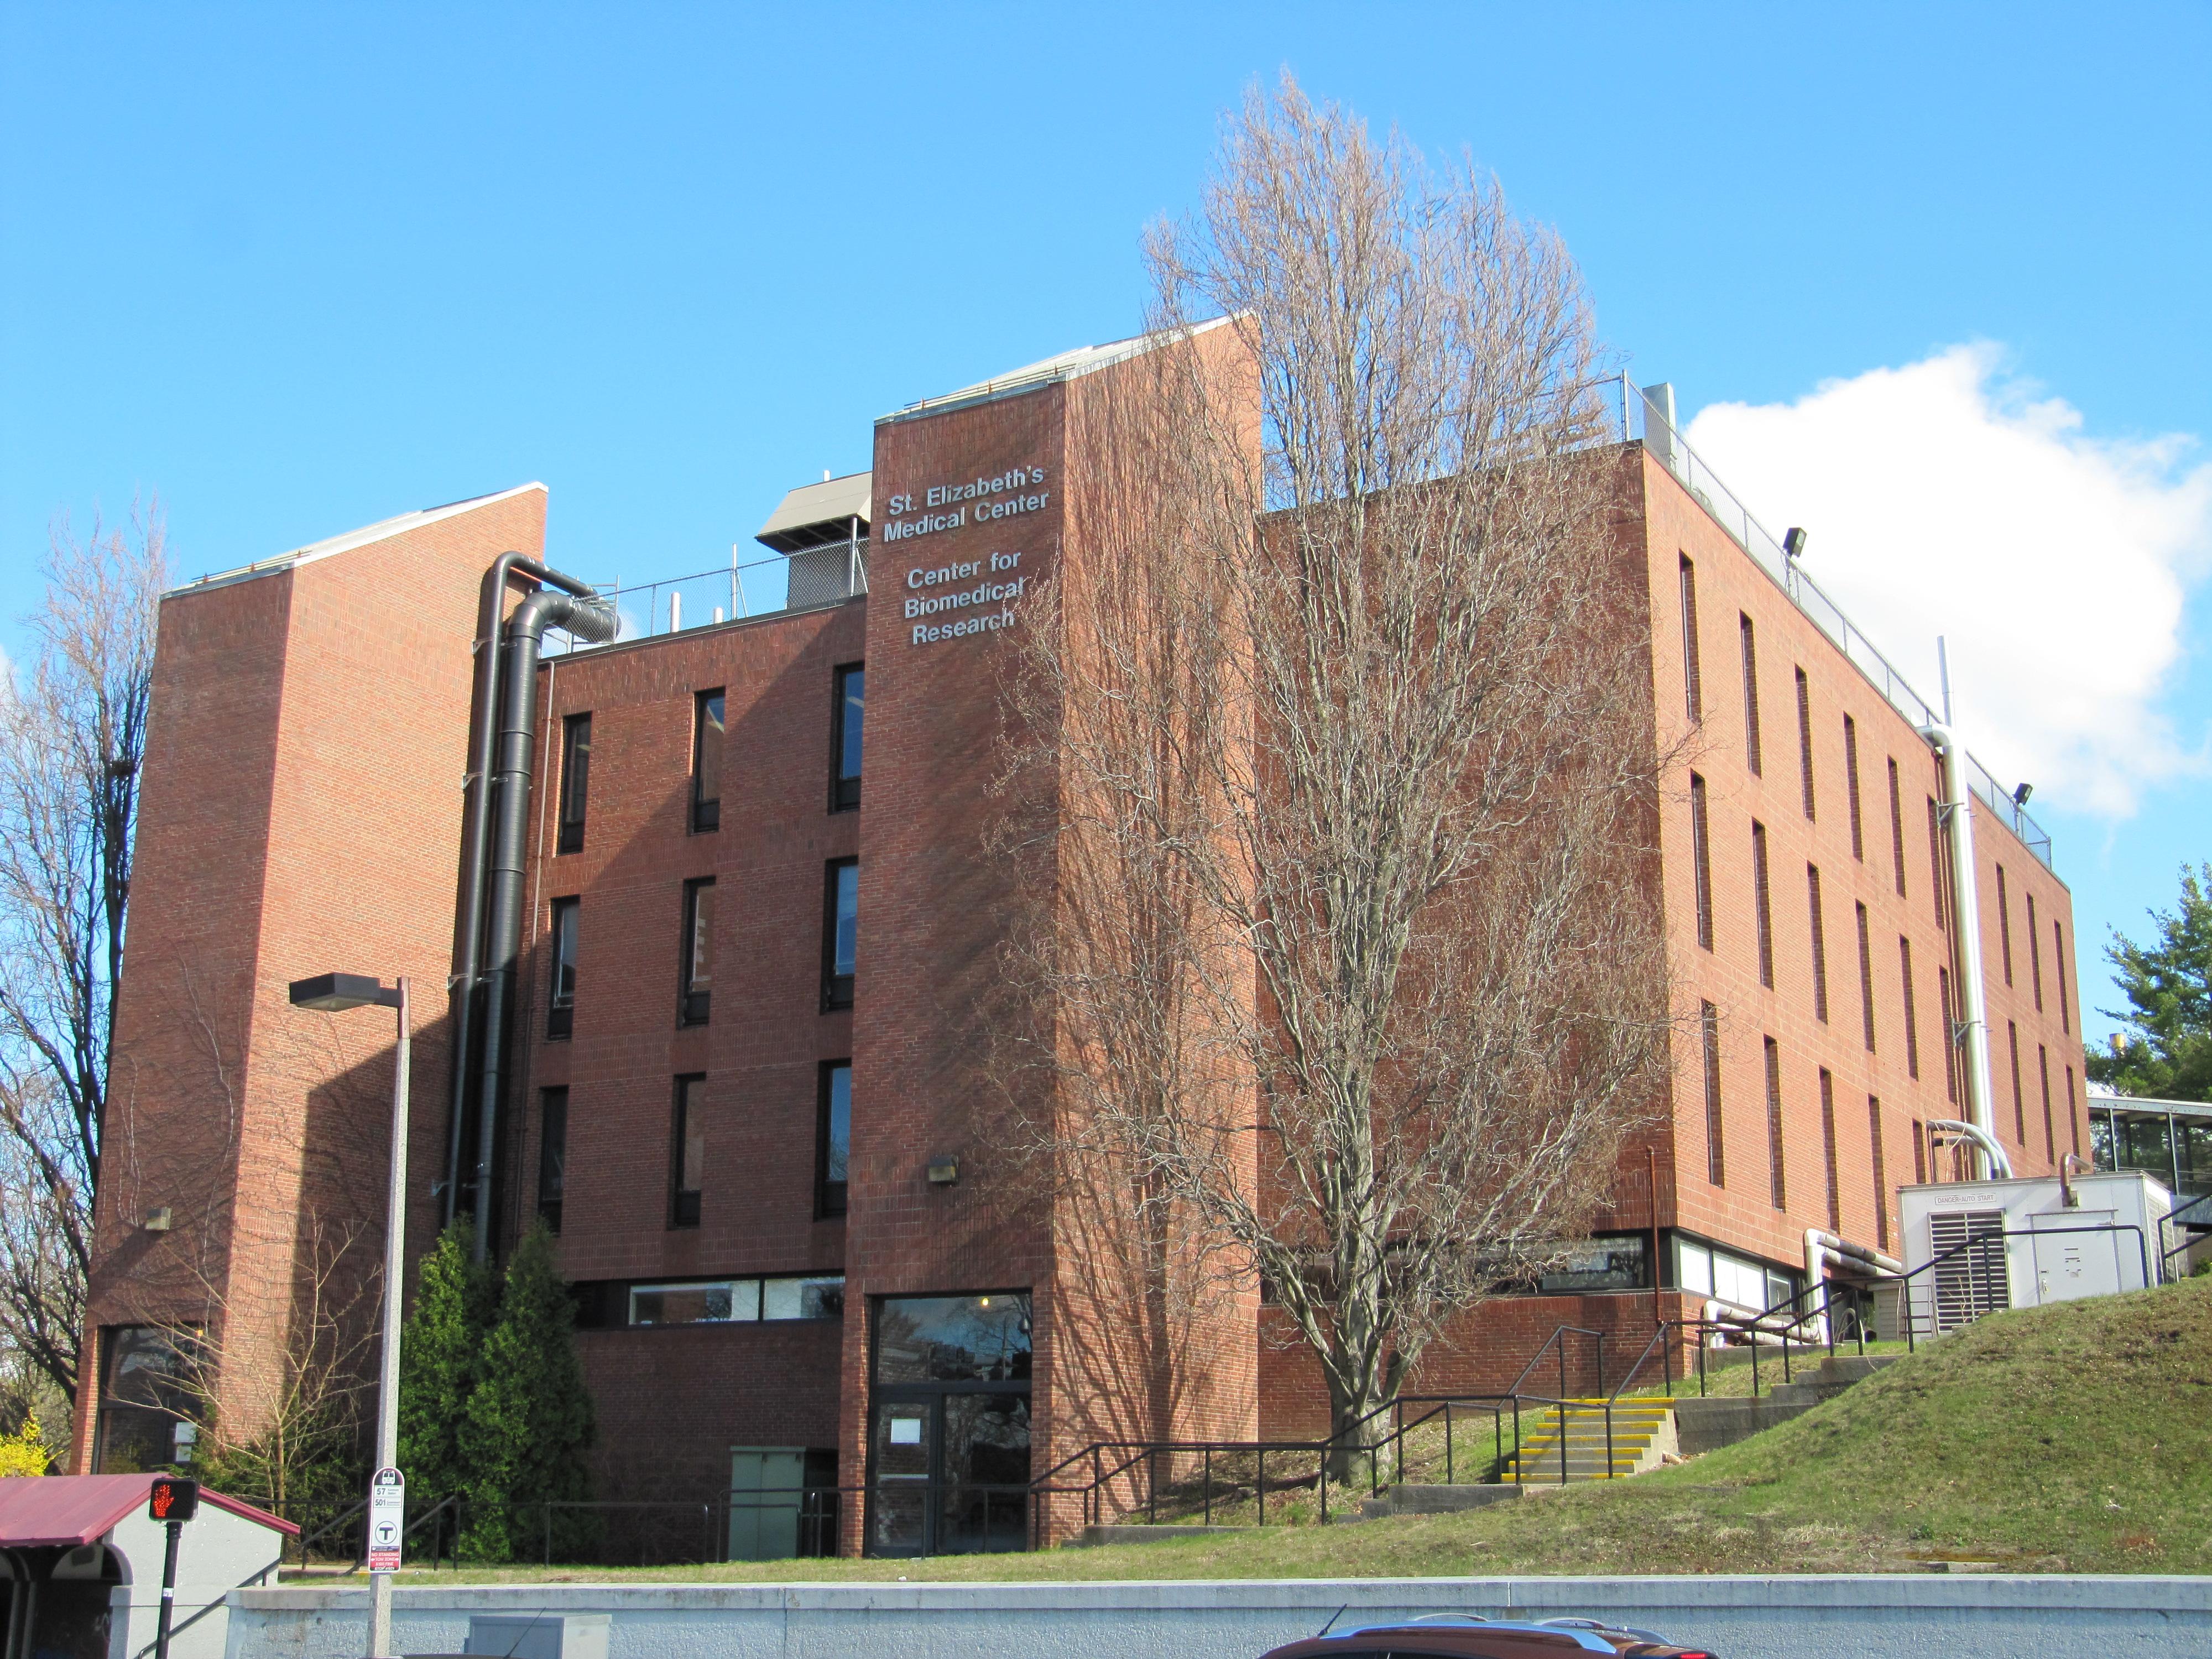 St Elizabeth Hospital Belleville Emergency Room